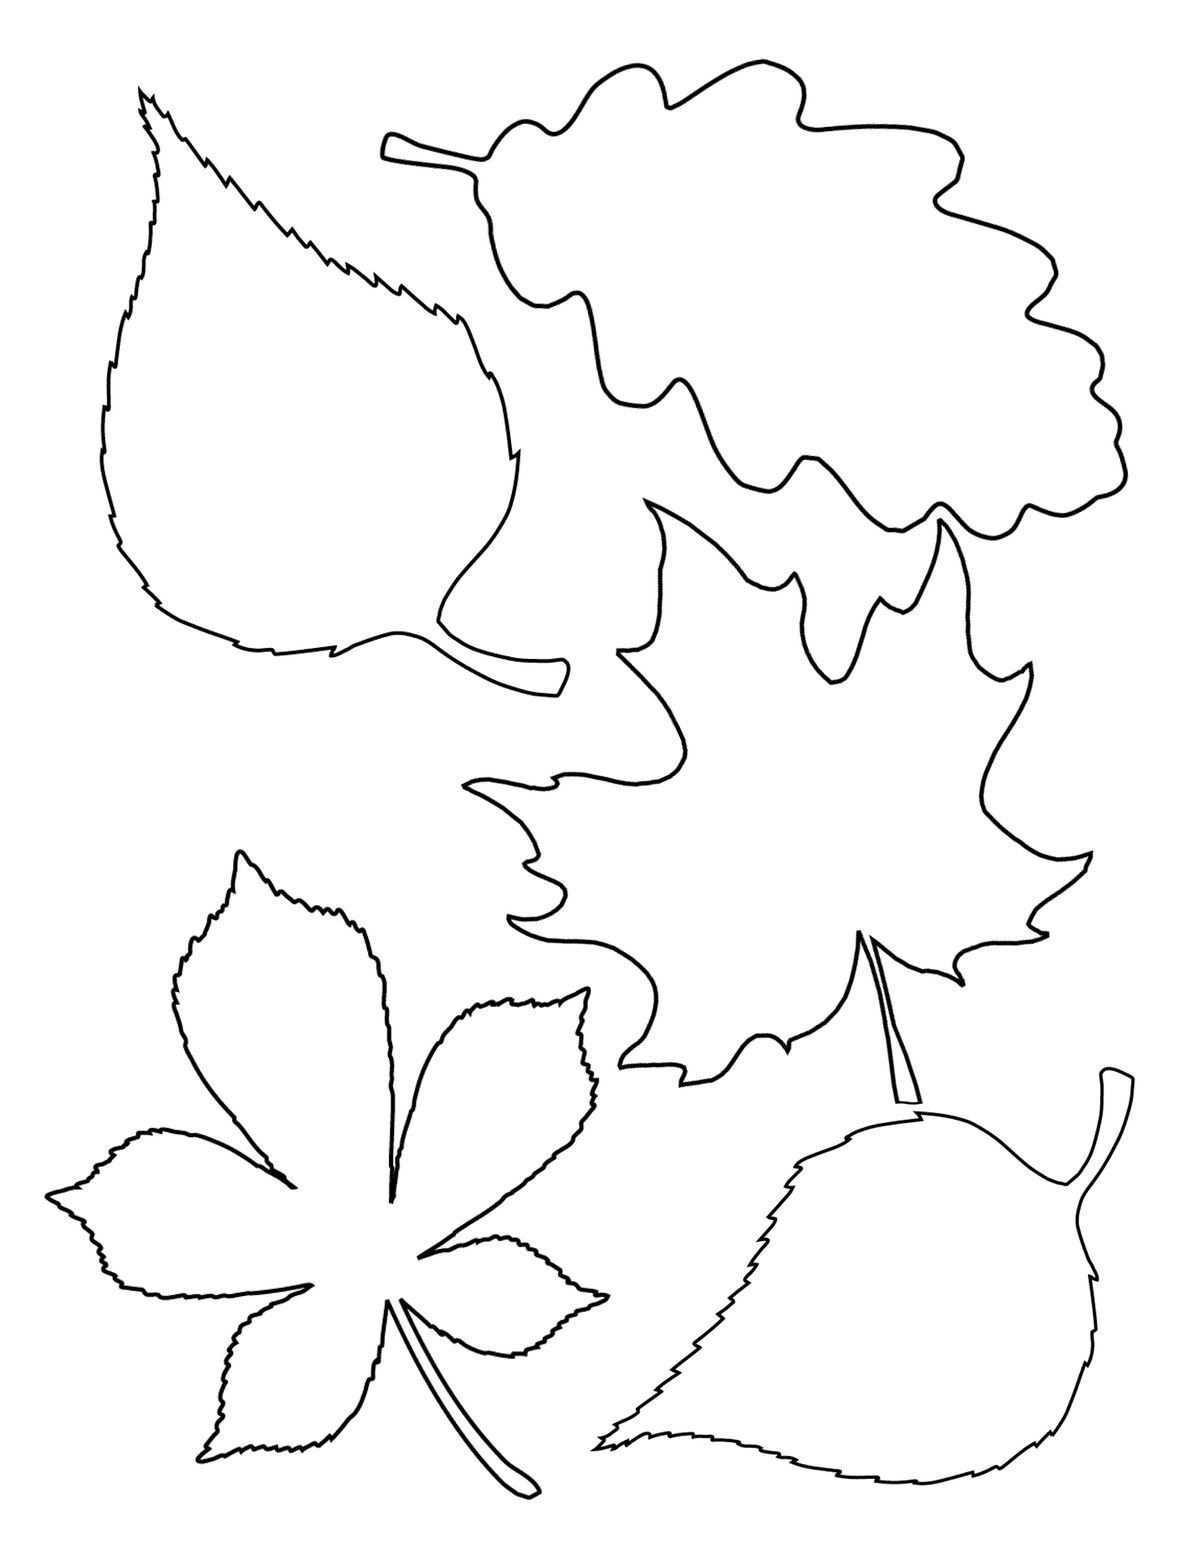 Basteln Im Herbst Mit Kindern Einfache Bastelideen Fur Dich Mission Mom Basteln Herbst Basteln Herbst Fensterbild Bastelideen